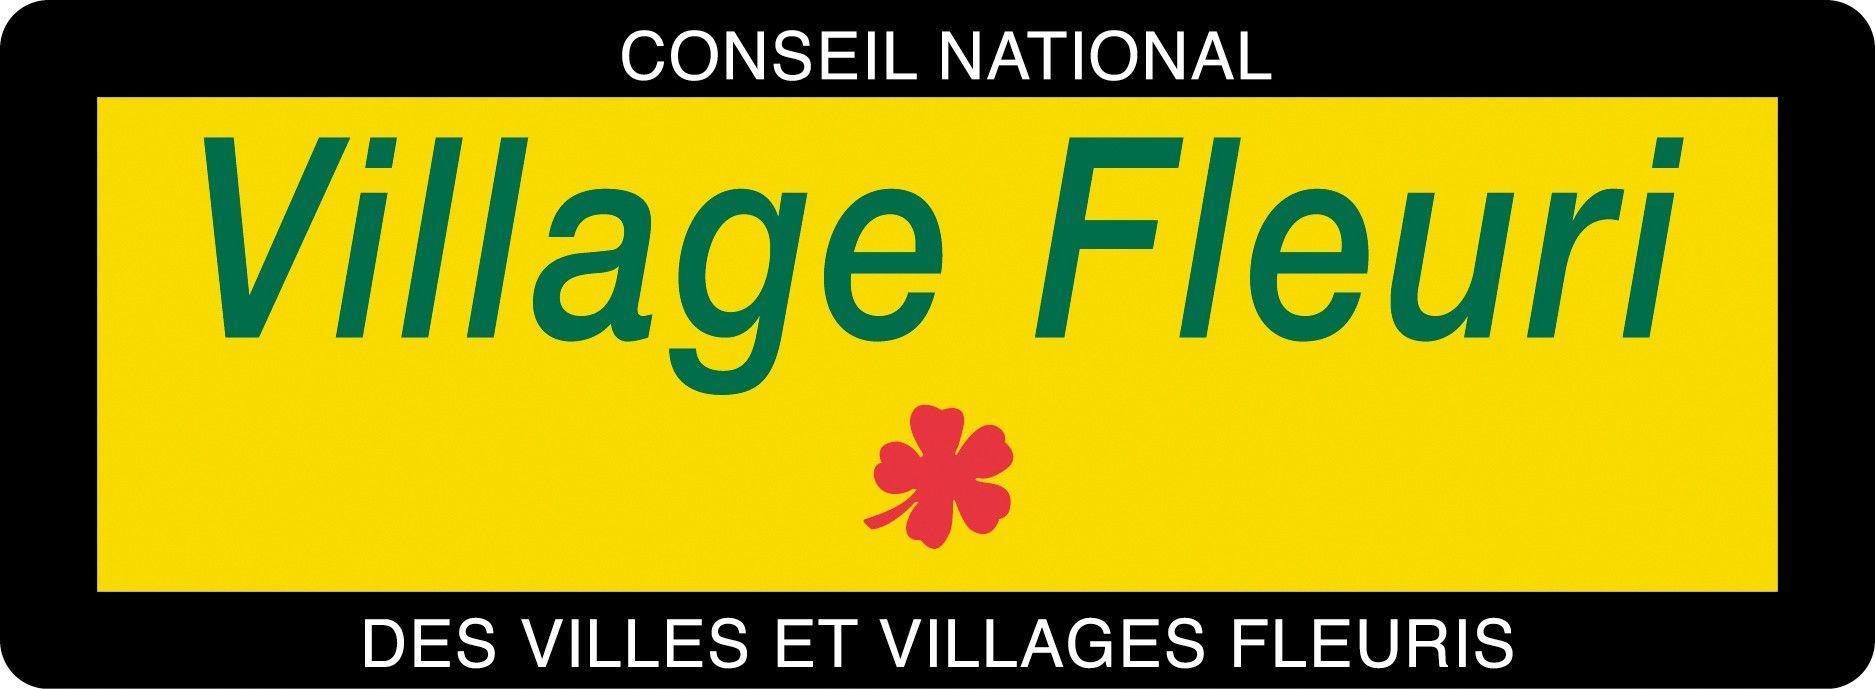 village-fleuri-1fleur